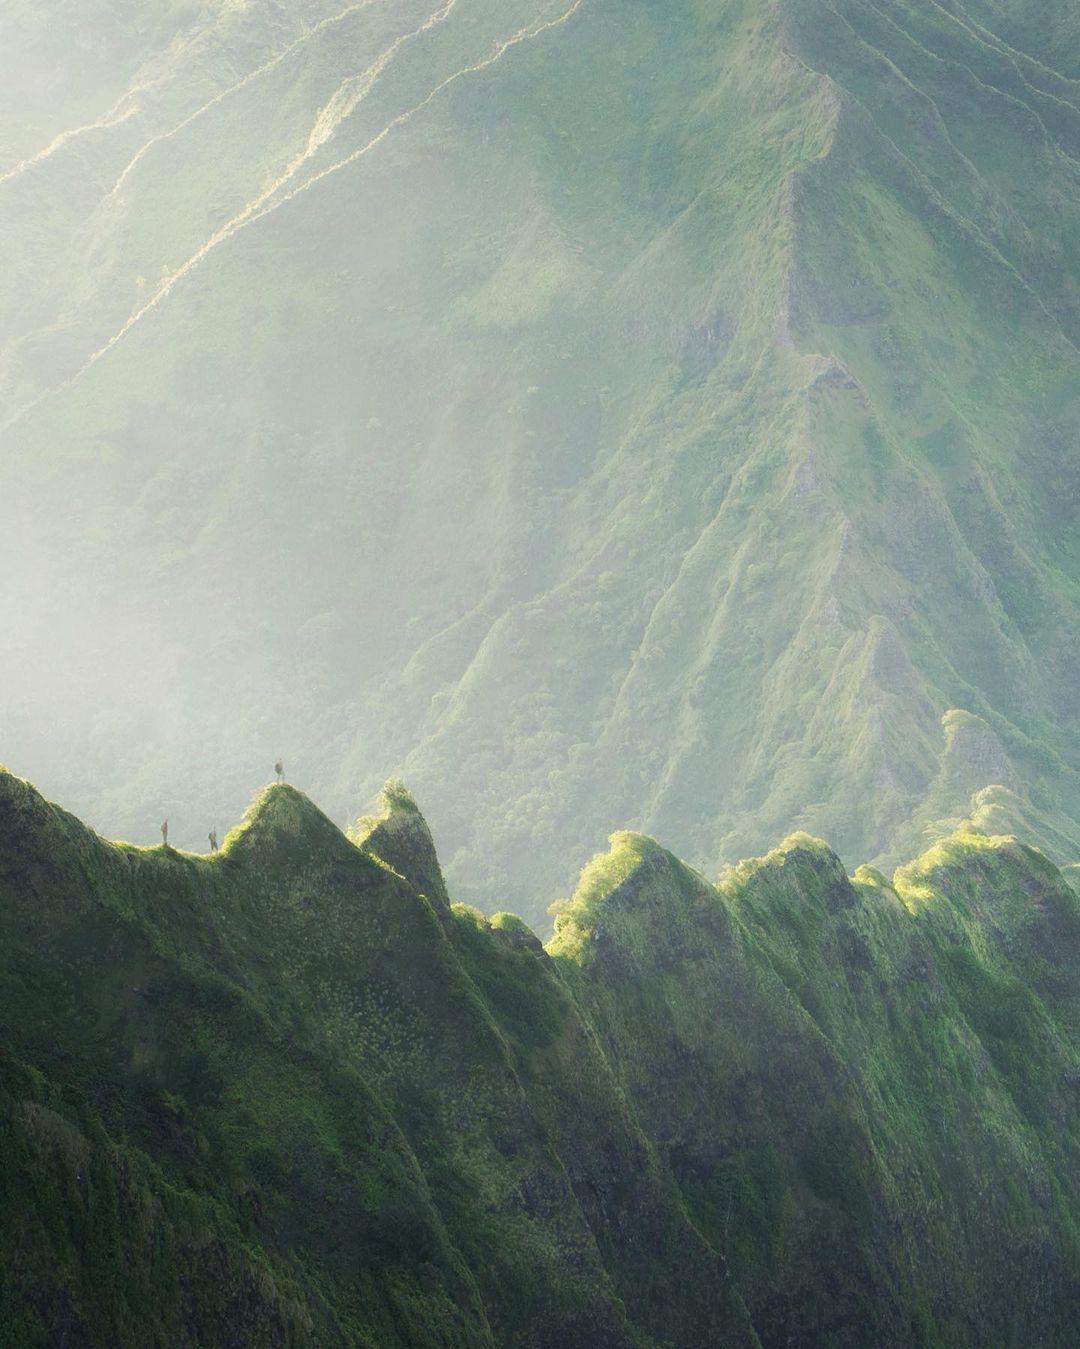 Núi Kaala cao nhất Hawaii, khoảng 1.220 m so với mực nước biển. Nó là một phần của dãy Waianae - tàn tích của một trong hai ngọn núi lửa từ thời cổ xưa. Đây cũng là một trong 18 cung hikking đẹp nhất nước Mỹ, theo tạp chí du lịch Travelandleisure.